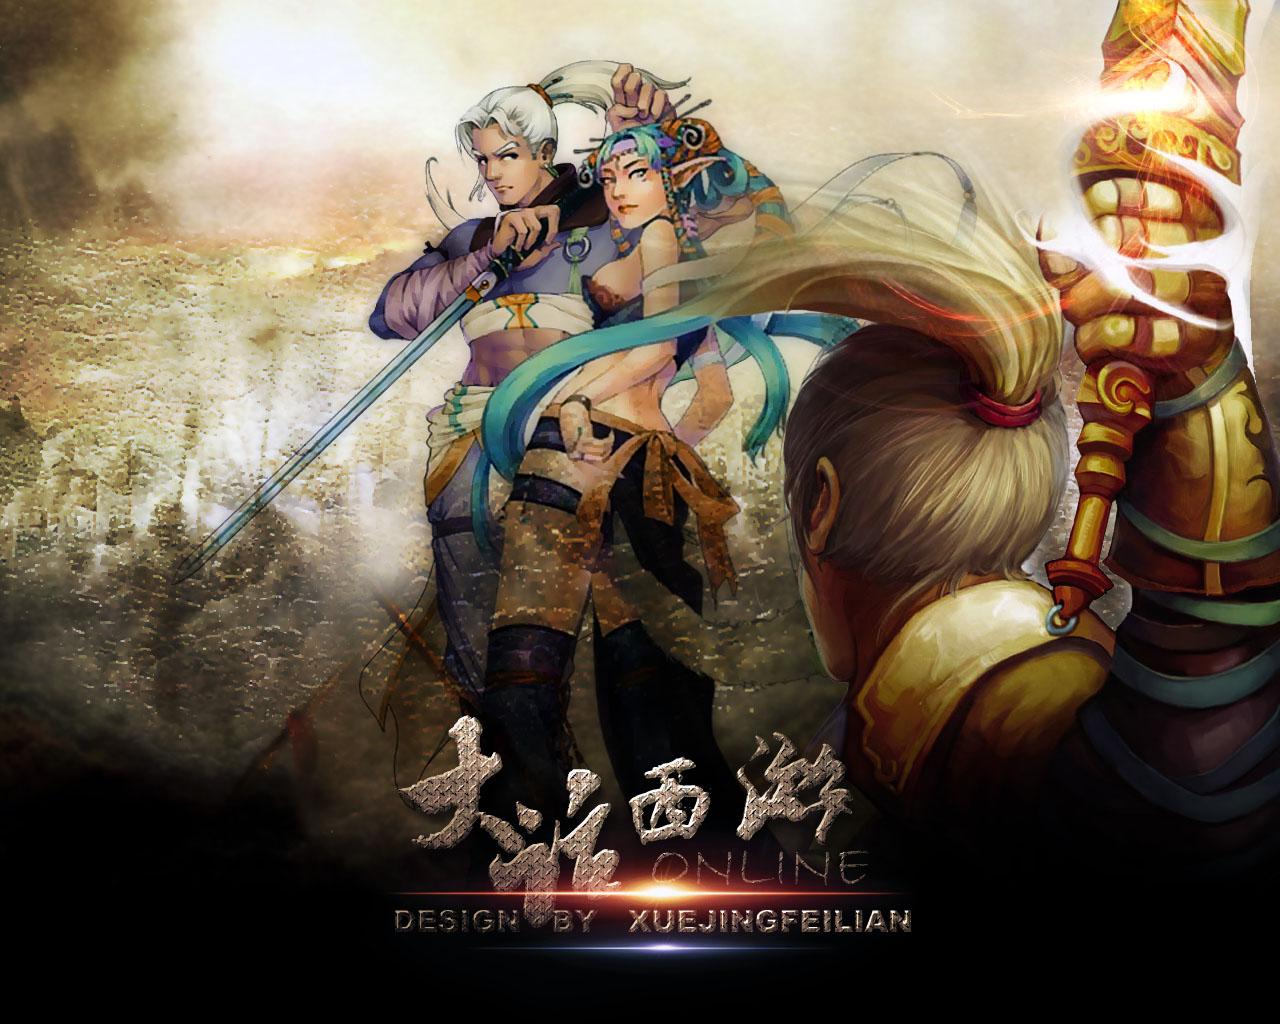 游戏背景素材图大气